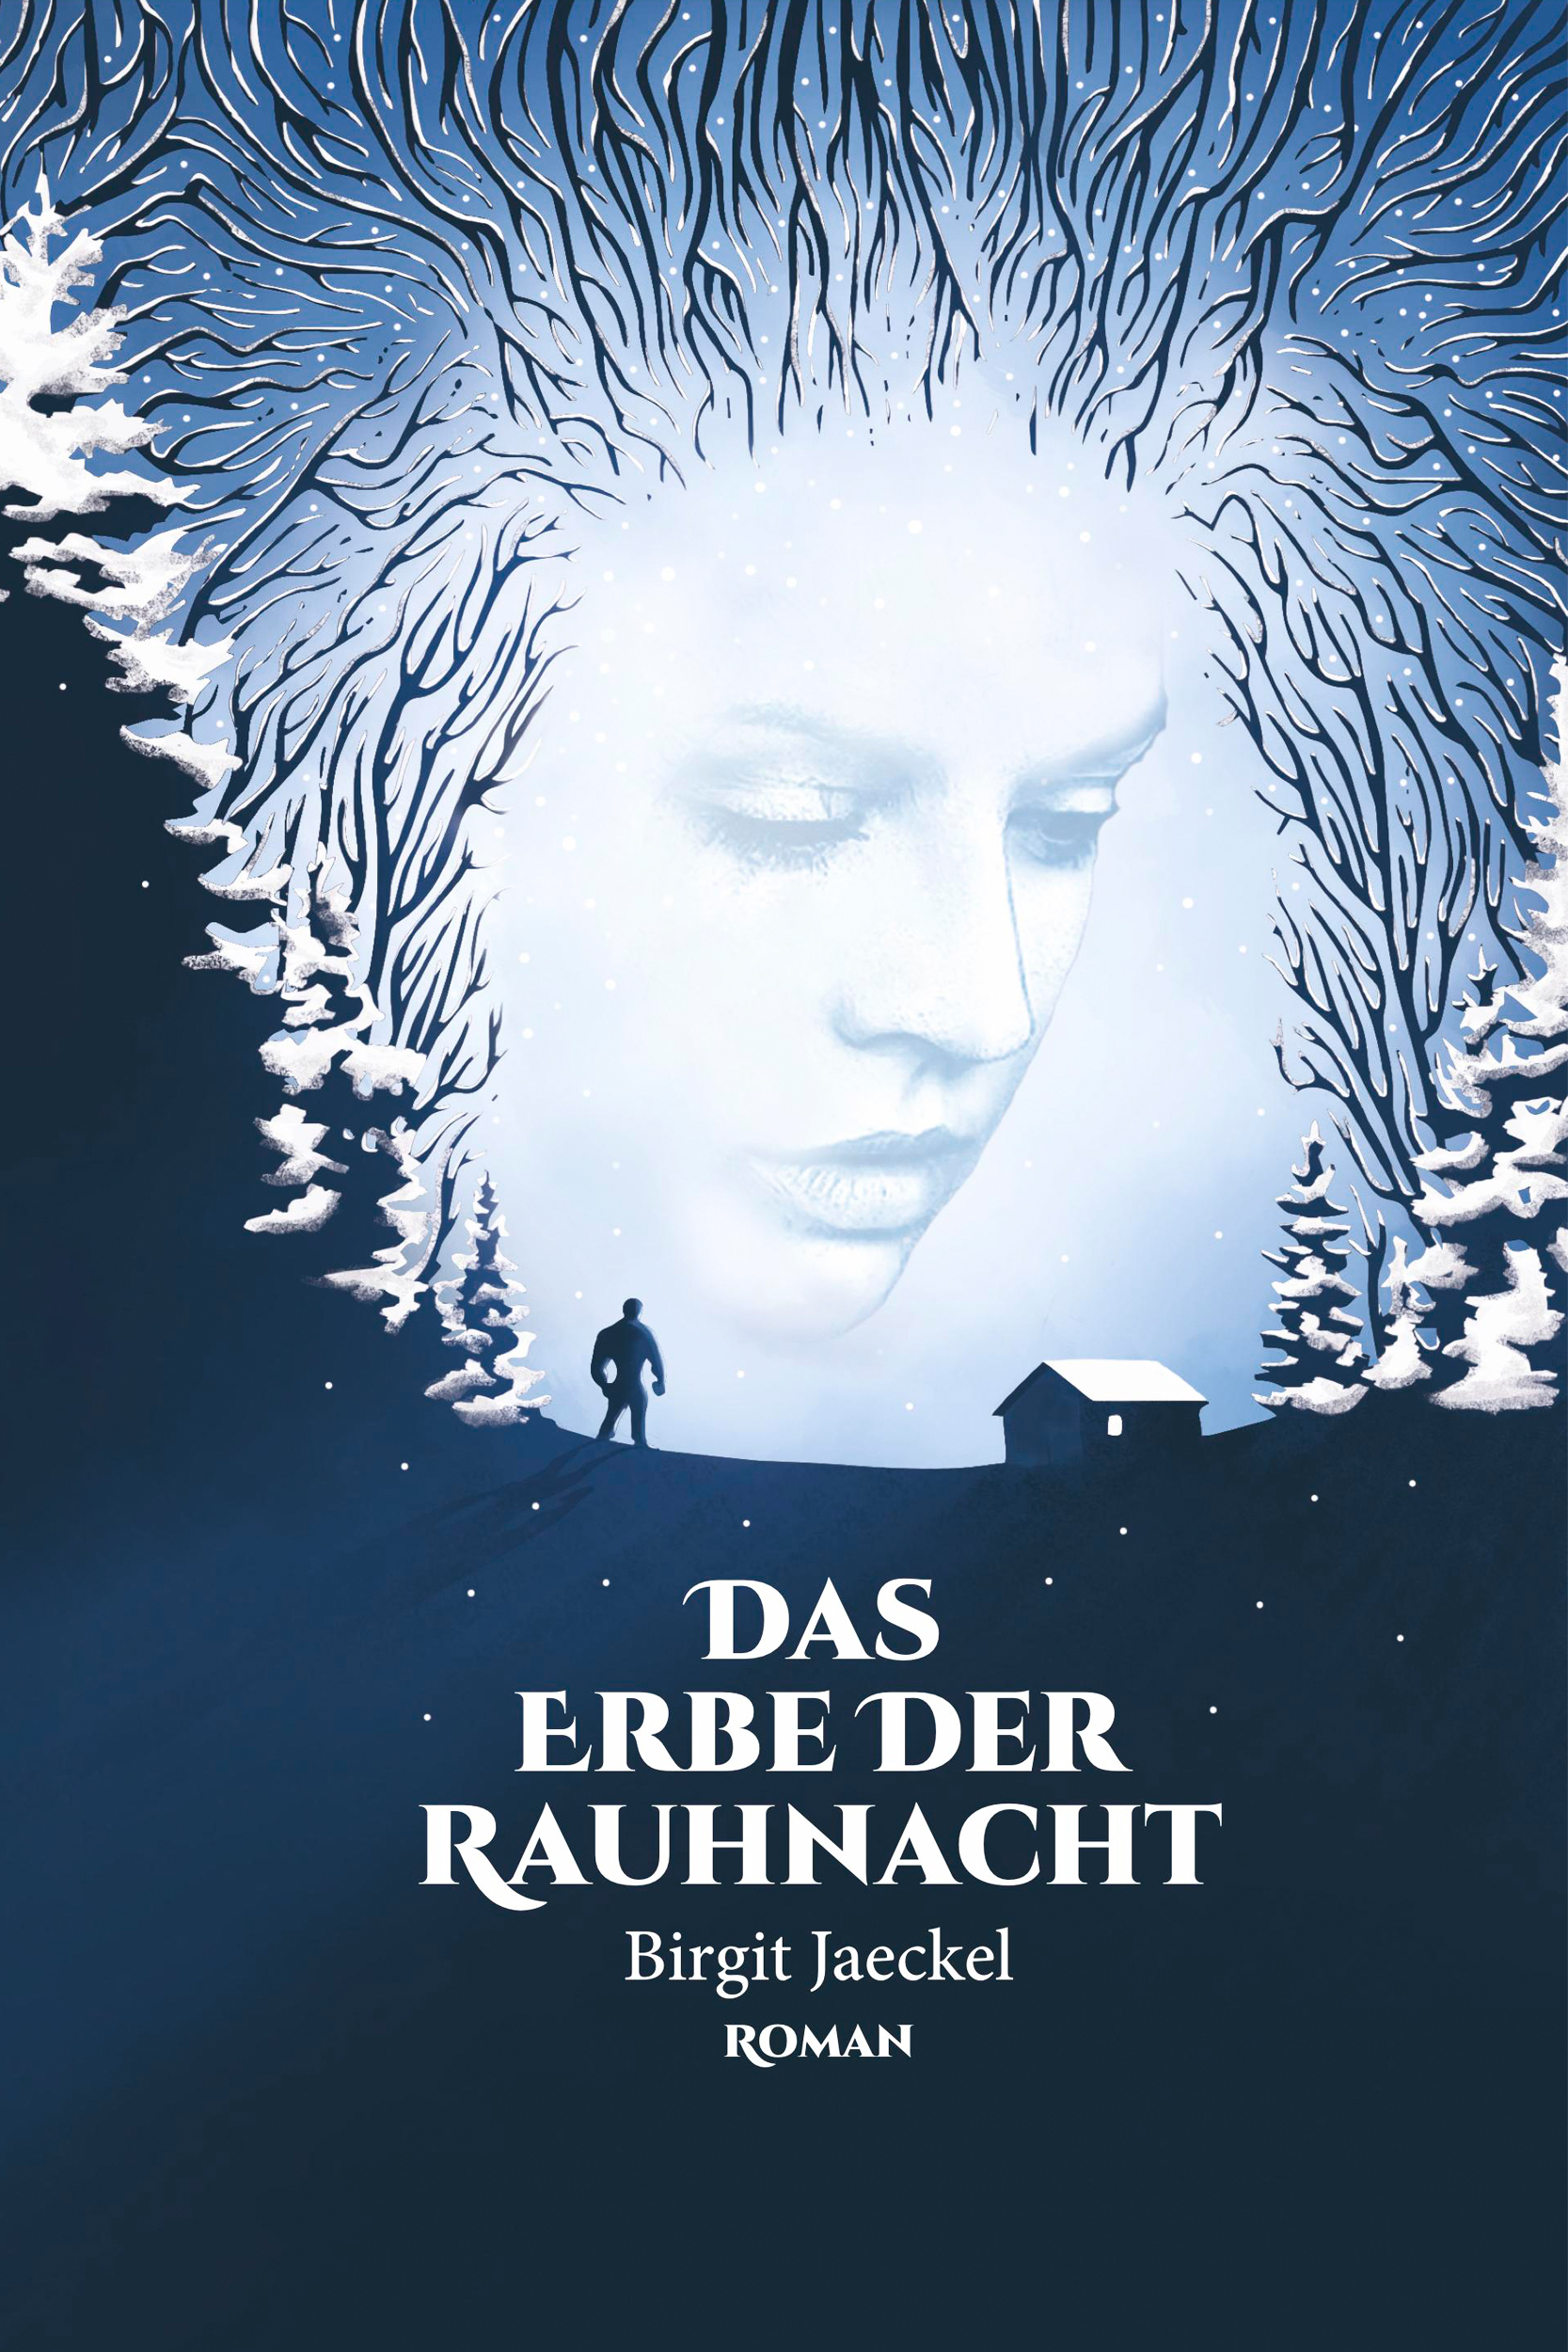 Das-Erbe-der-Raunacht_2500.jpg